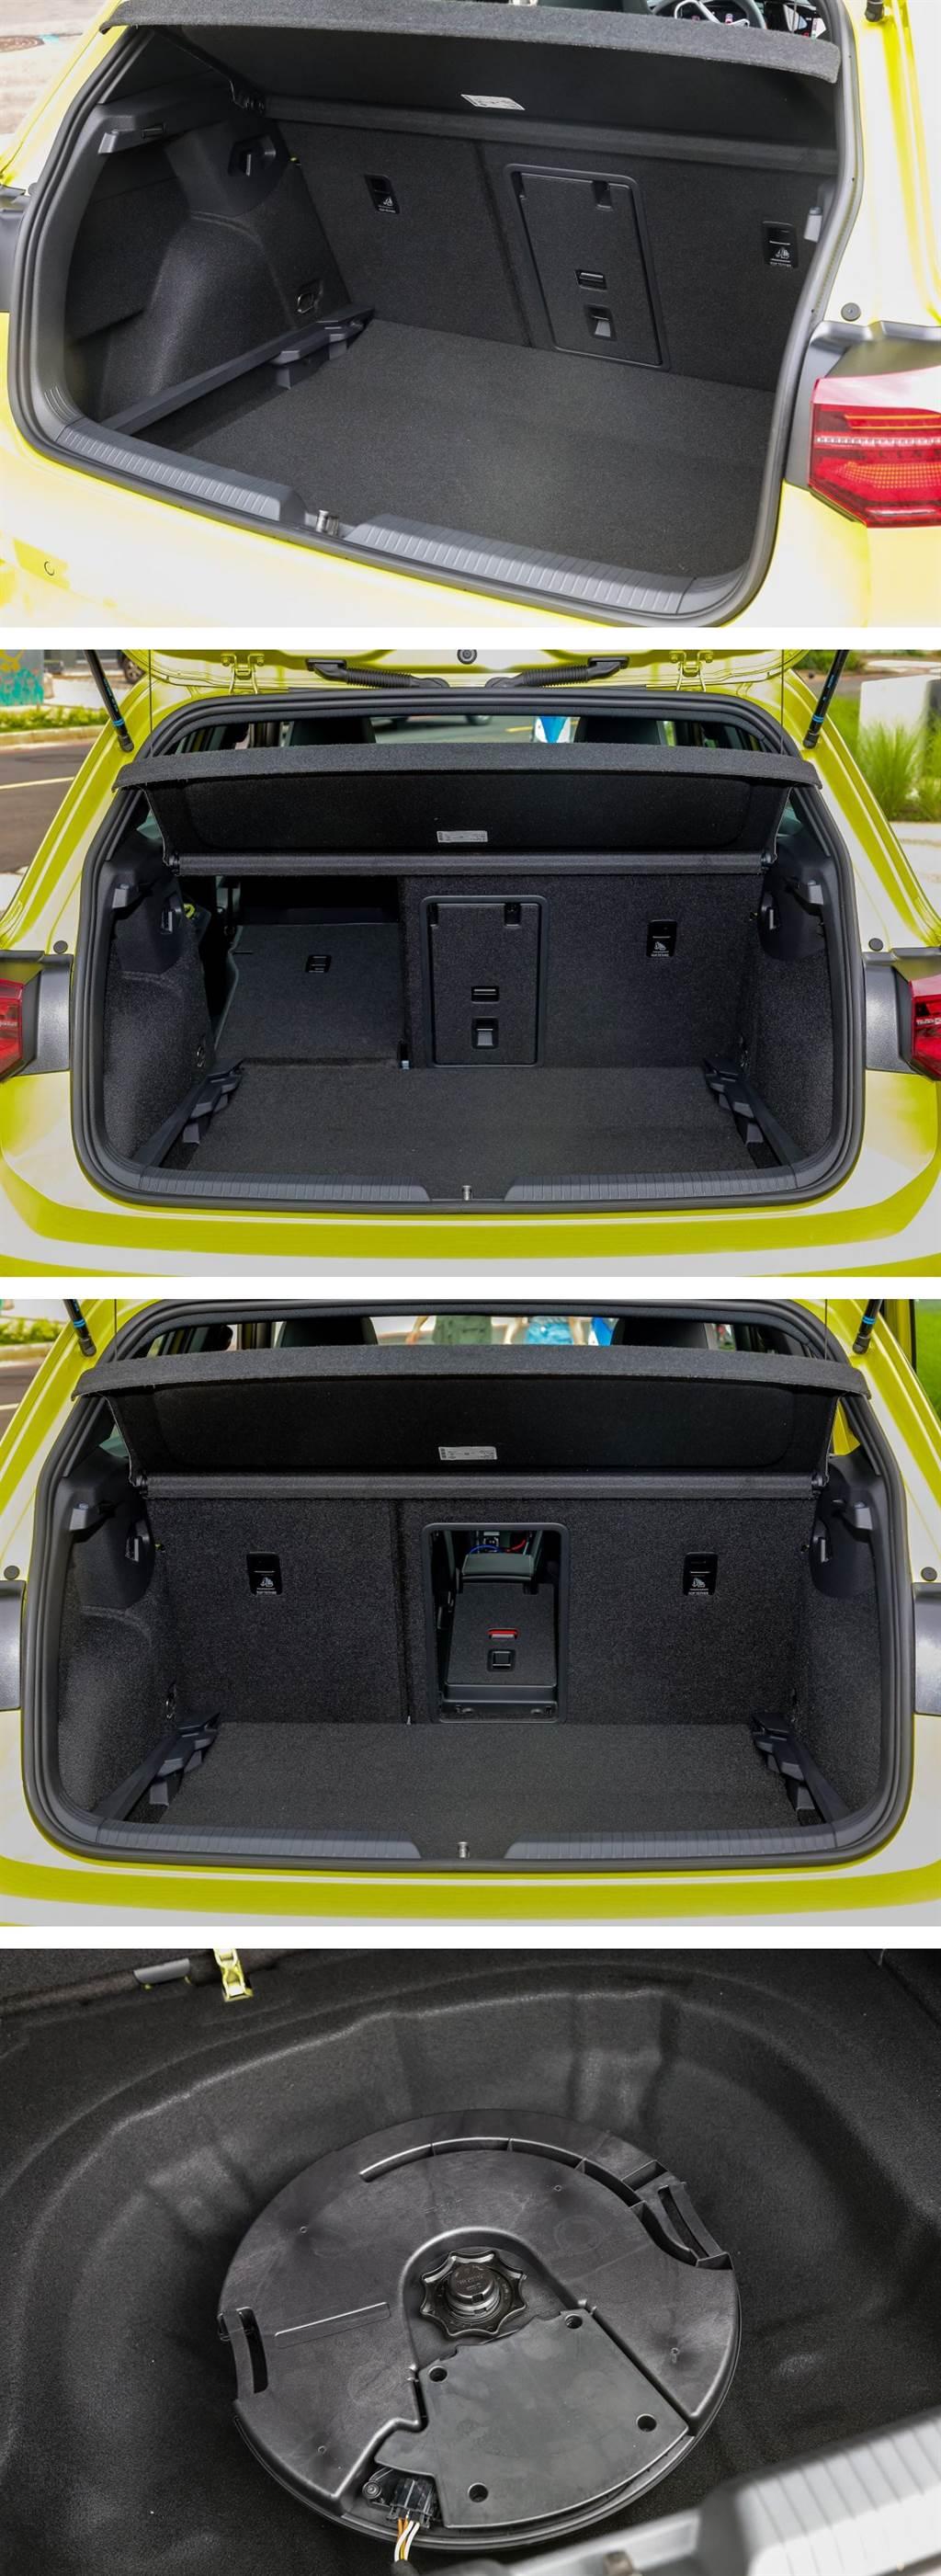 全面走向高級駕駛質感與科技度滿點:VW八代Golf 280 eTSI R-Line